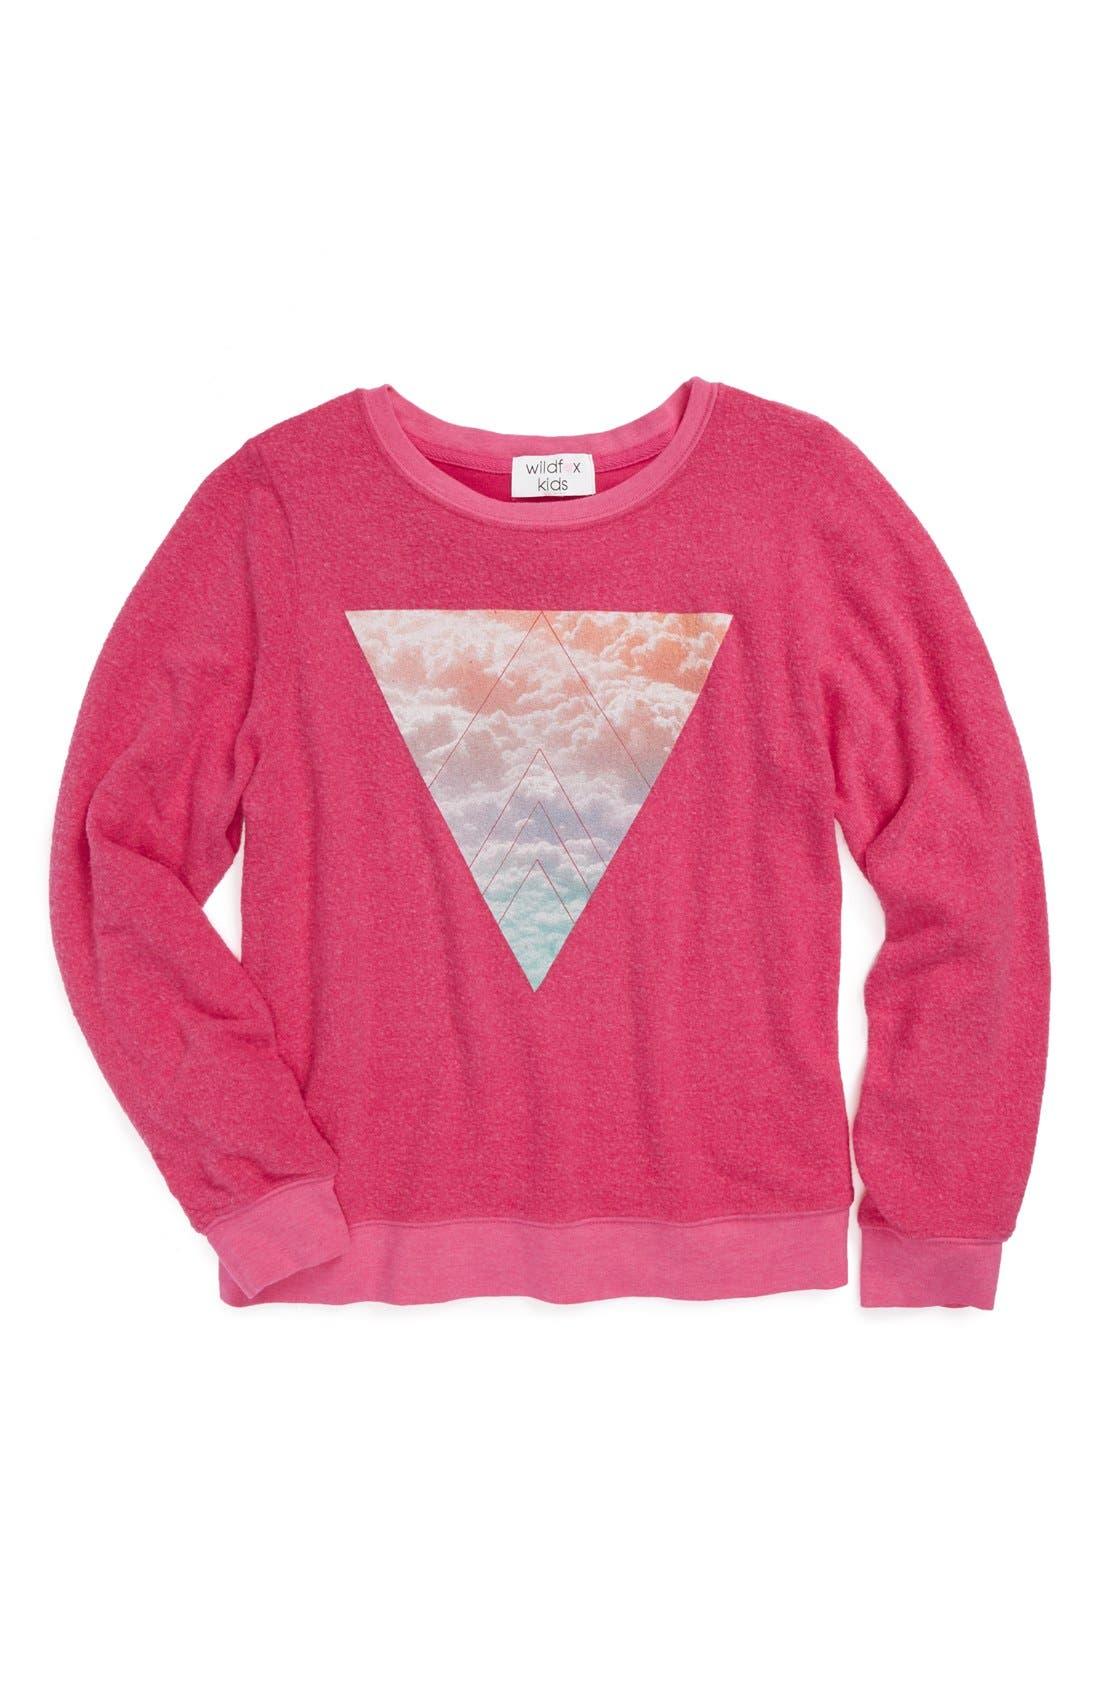 Main Image - Wildfox 'Pastel Prism' Sweatshirt (Big Girls)